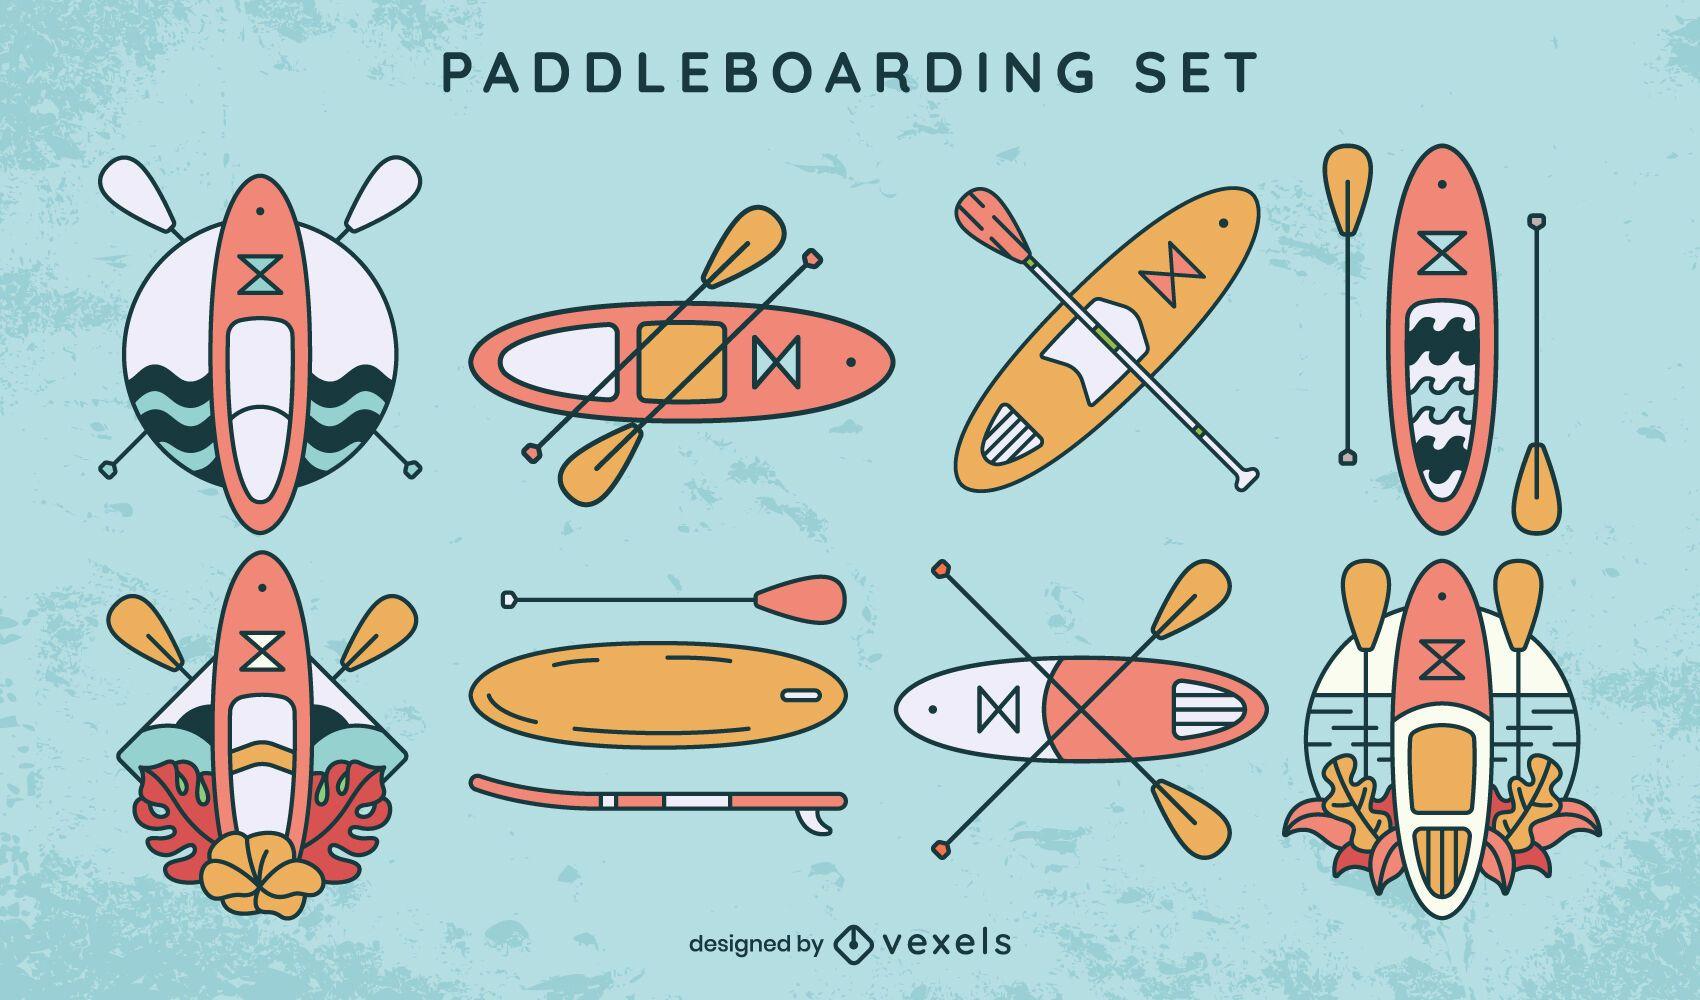 Equipo de paddleboarding para deportes acuáticos.